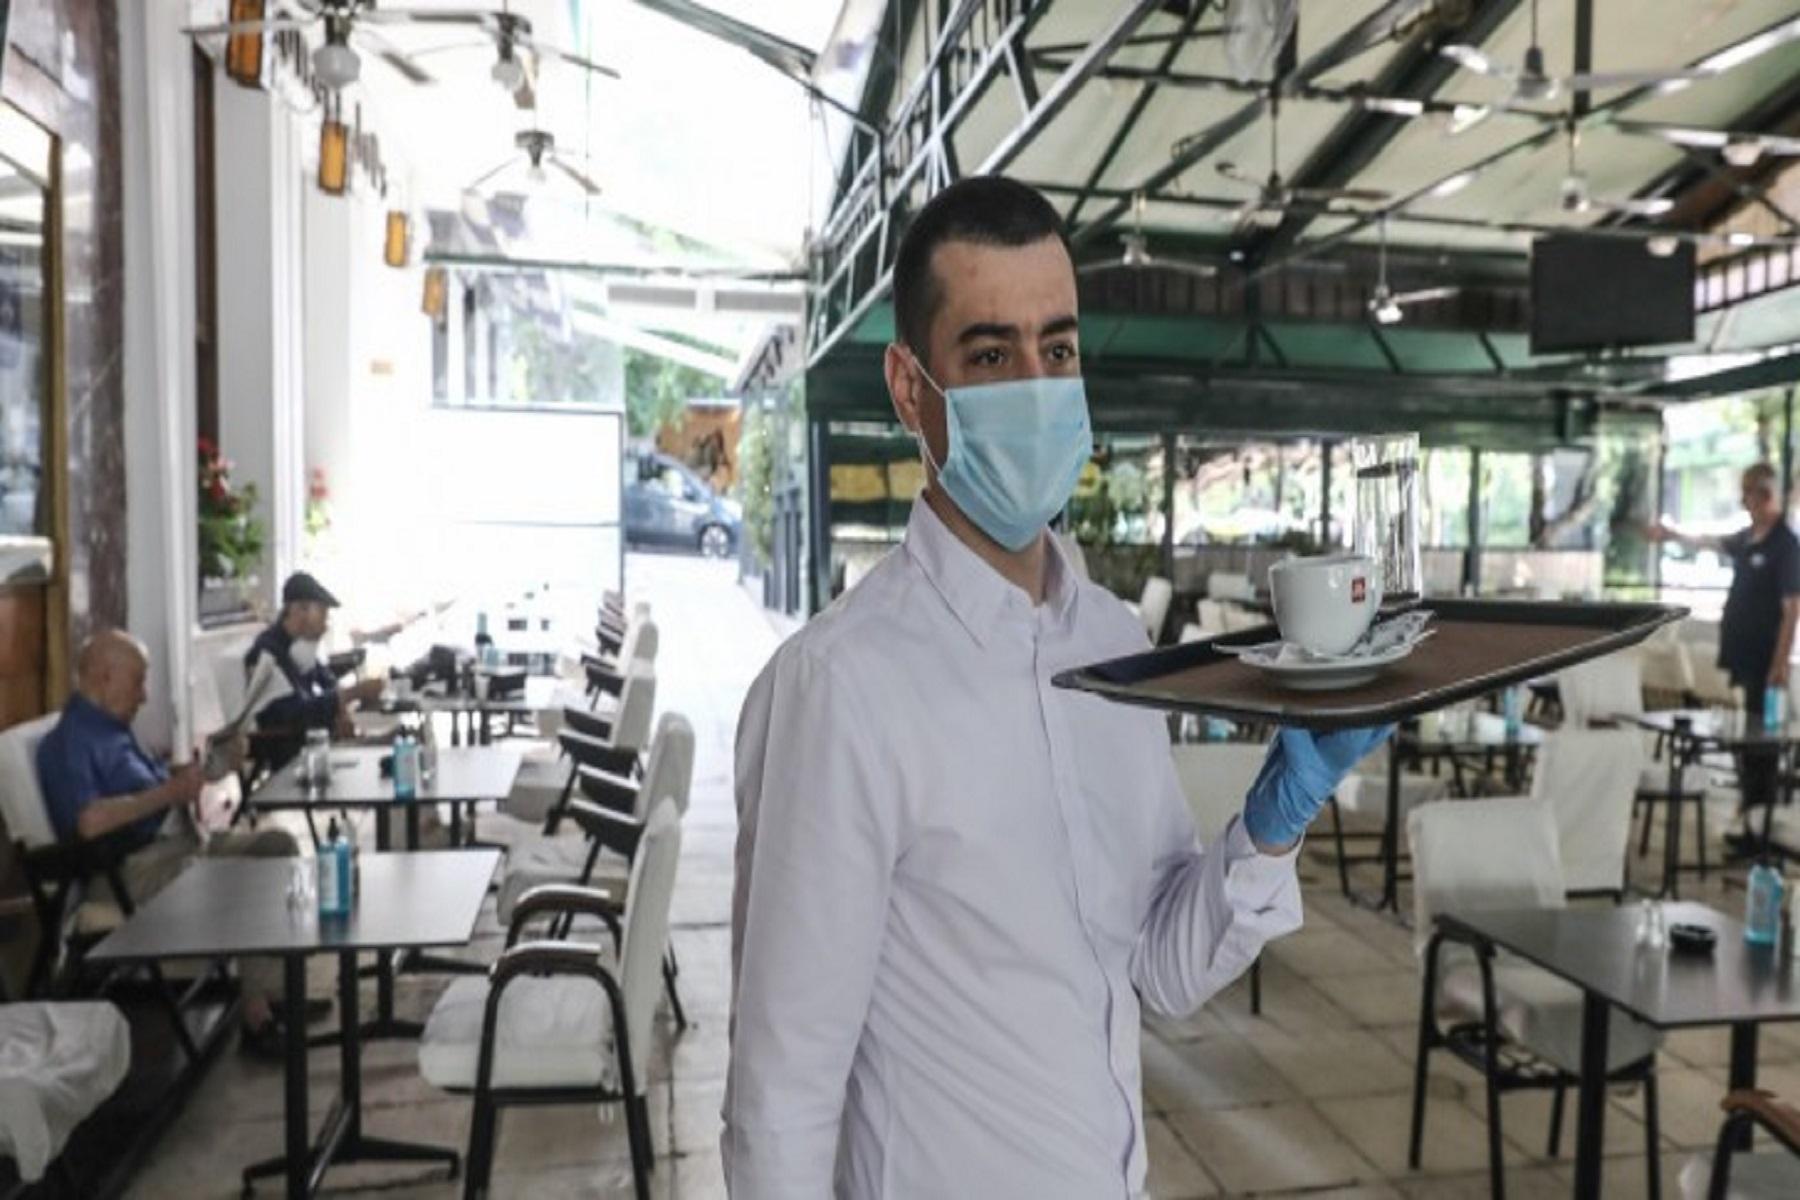 Εστιατόρια Καφετέριες: Πώς να μειώσετε τον κίνδυνο έκθεσής σας στον κορωνοϊό